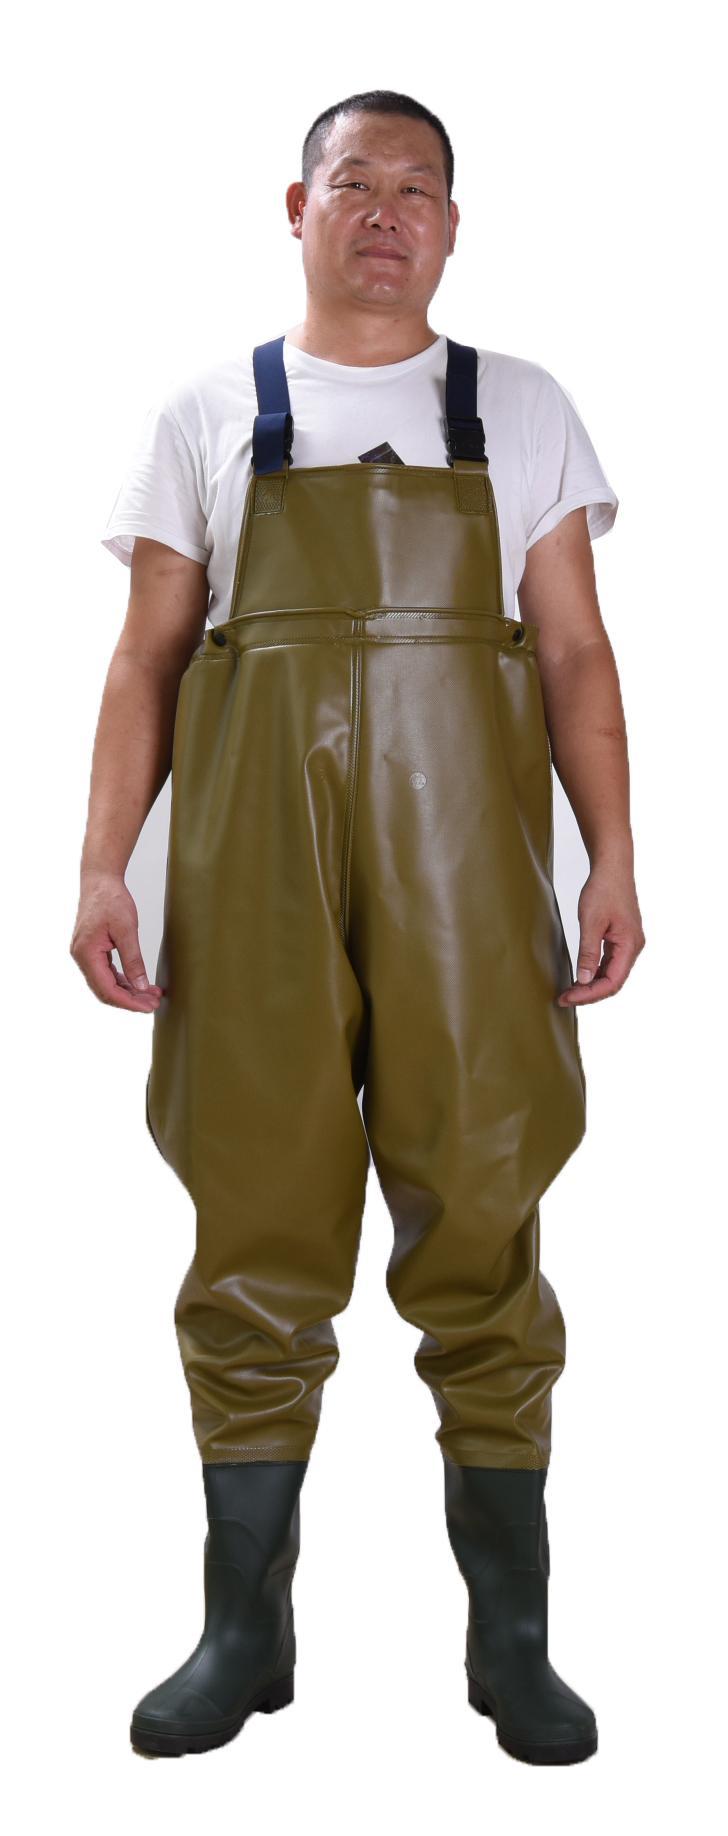 FQW1910 Safty poitrine / taille échassier protection eau travail à l'extérieur Pêche Wading 0.85mm Kaki Pantalon double-PVC avec Bottes de pluie